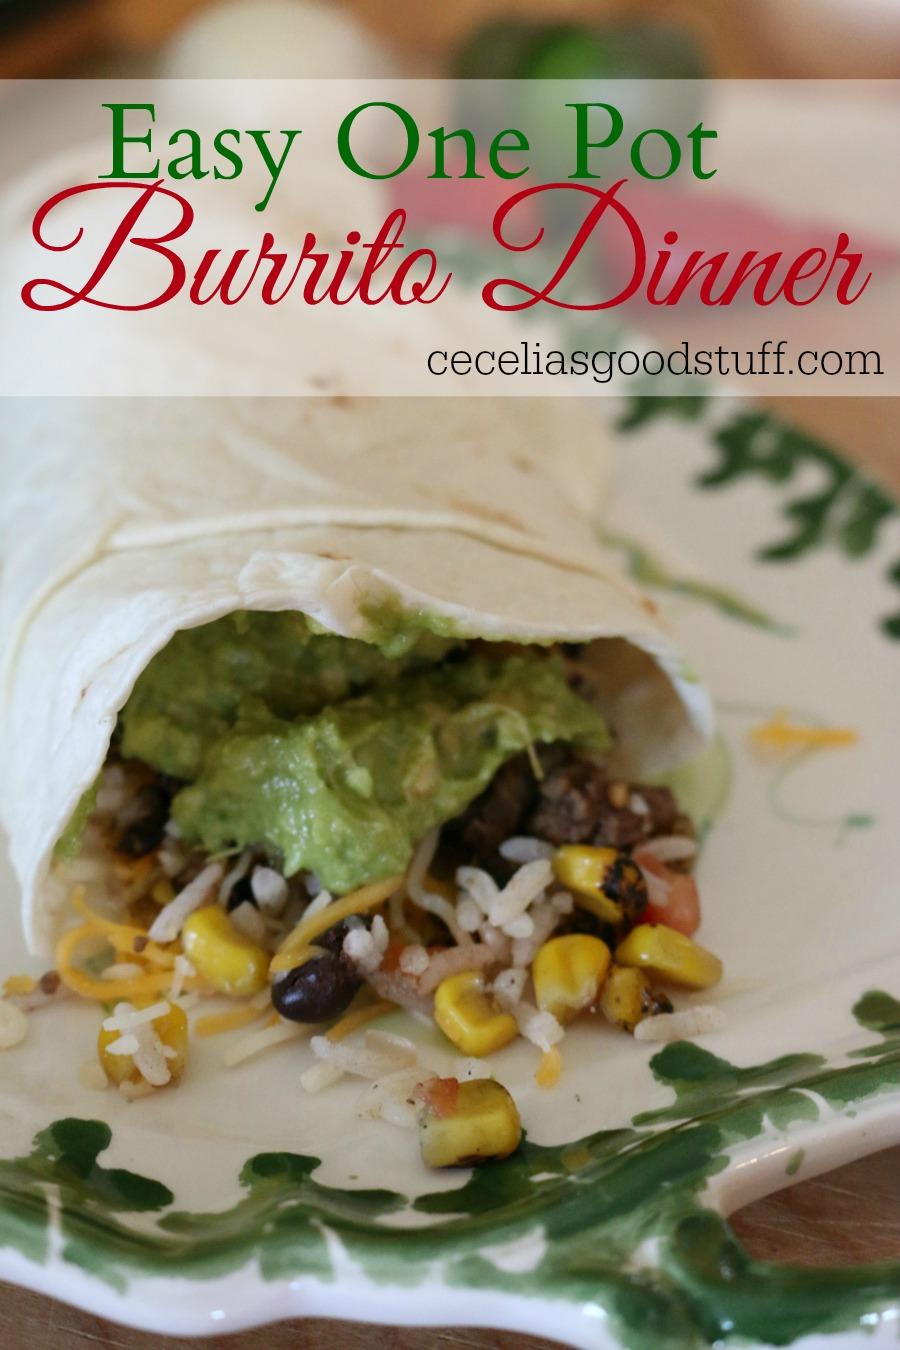 Easy One Pot Burrito Dinner